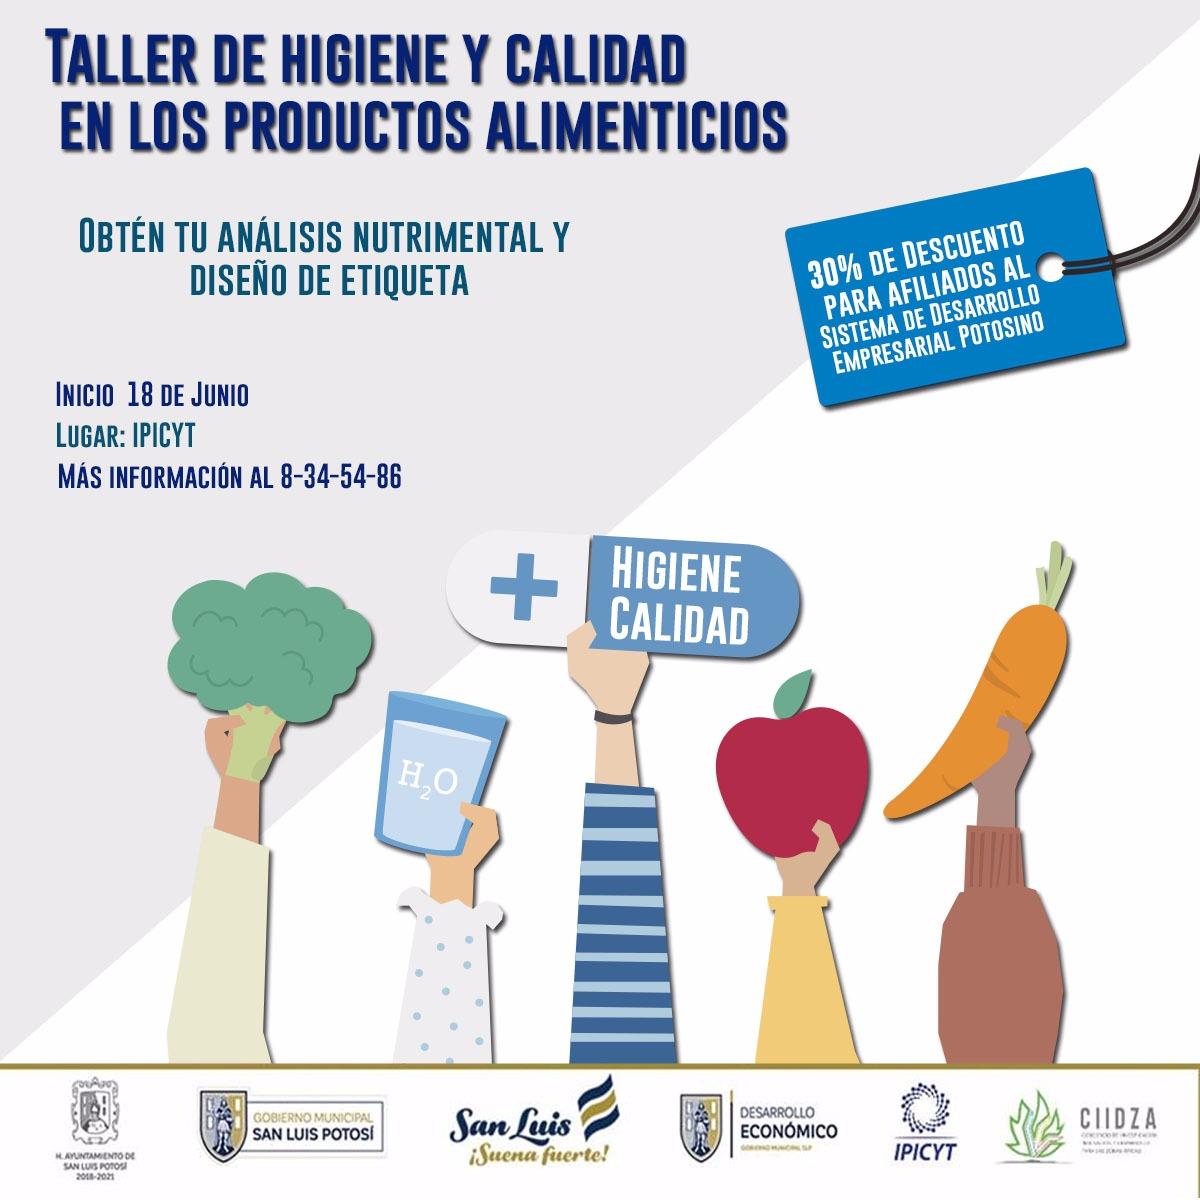 Taller de Higiene y Calidad en los Productos Alimenticios